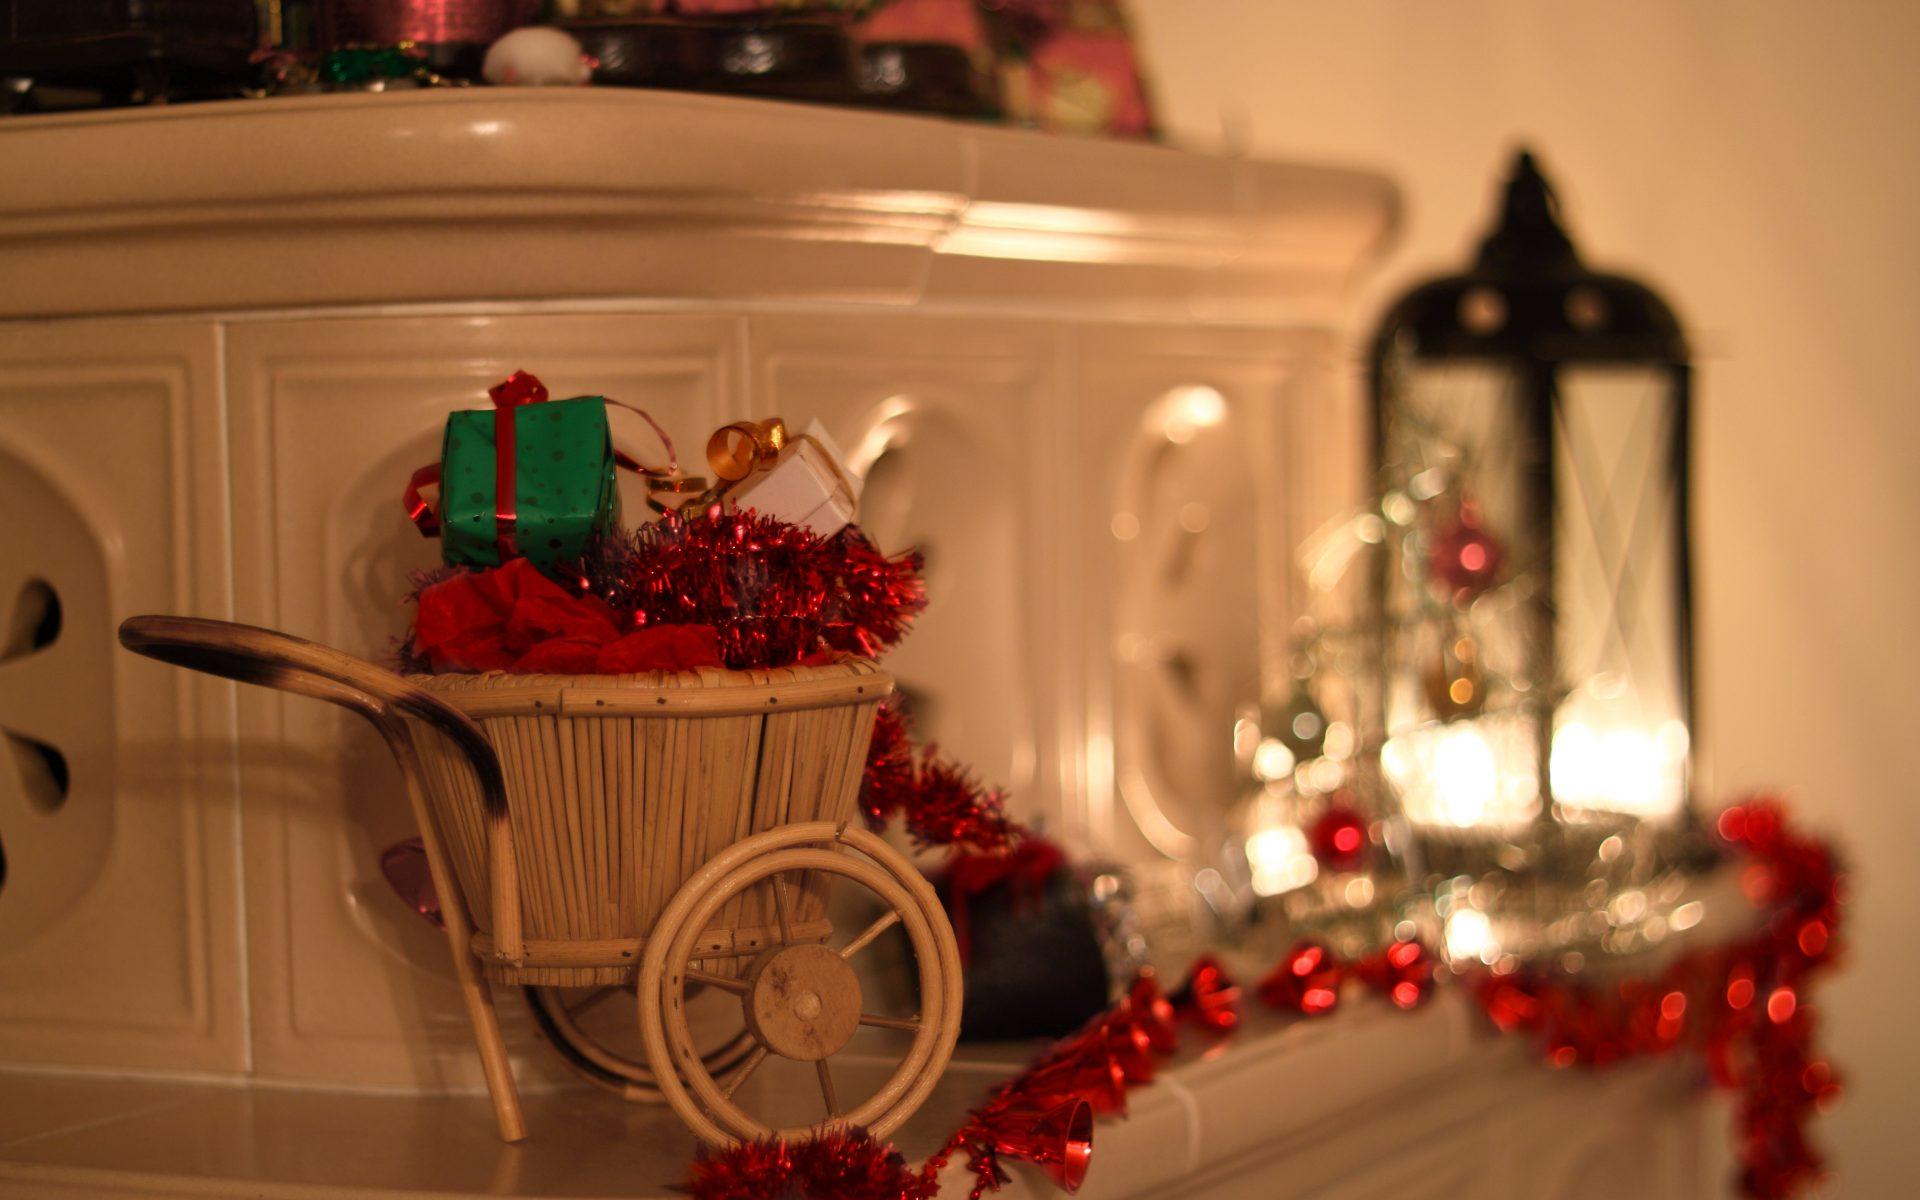 Idee Originali Regalo Di Natale.Regali Di Natale Le Idee Regalo Piu Originali Le Trovi